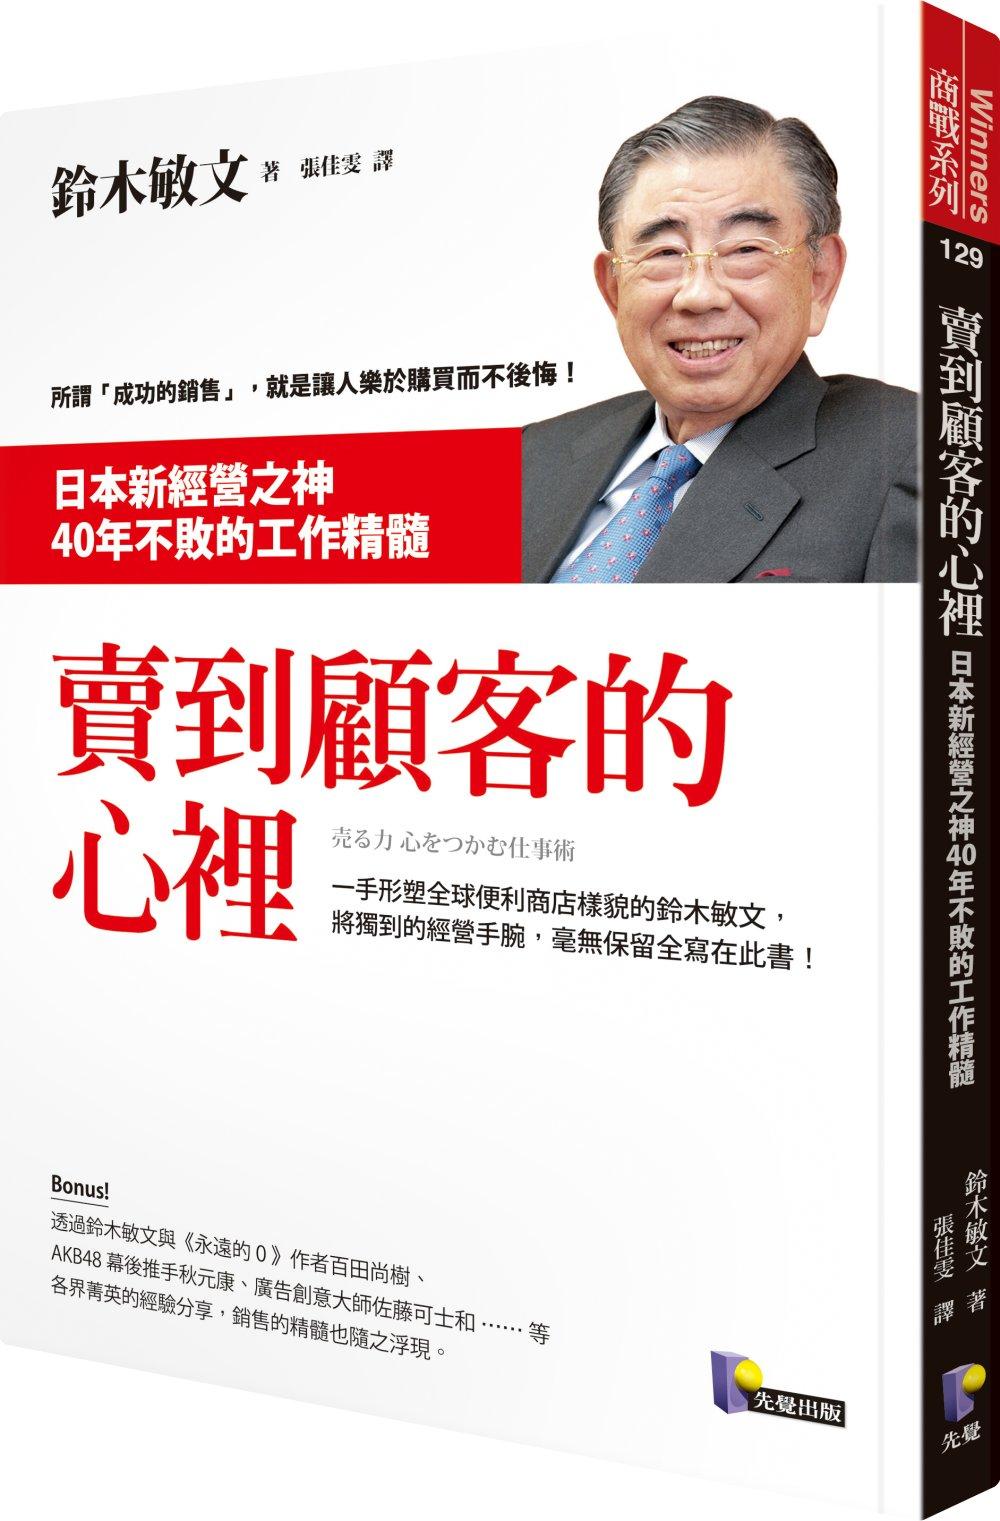 賣到顧客的心裡:日本新經營之神40年不敗的工作精髓